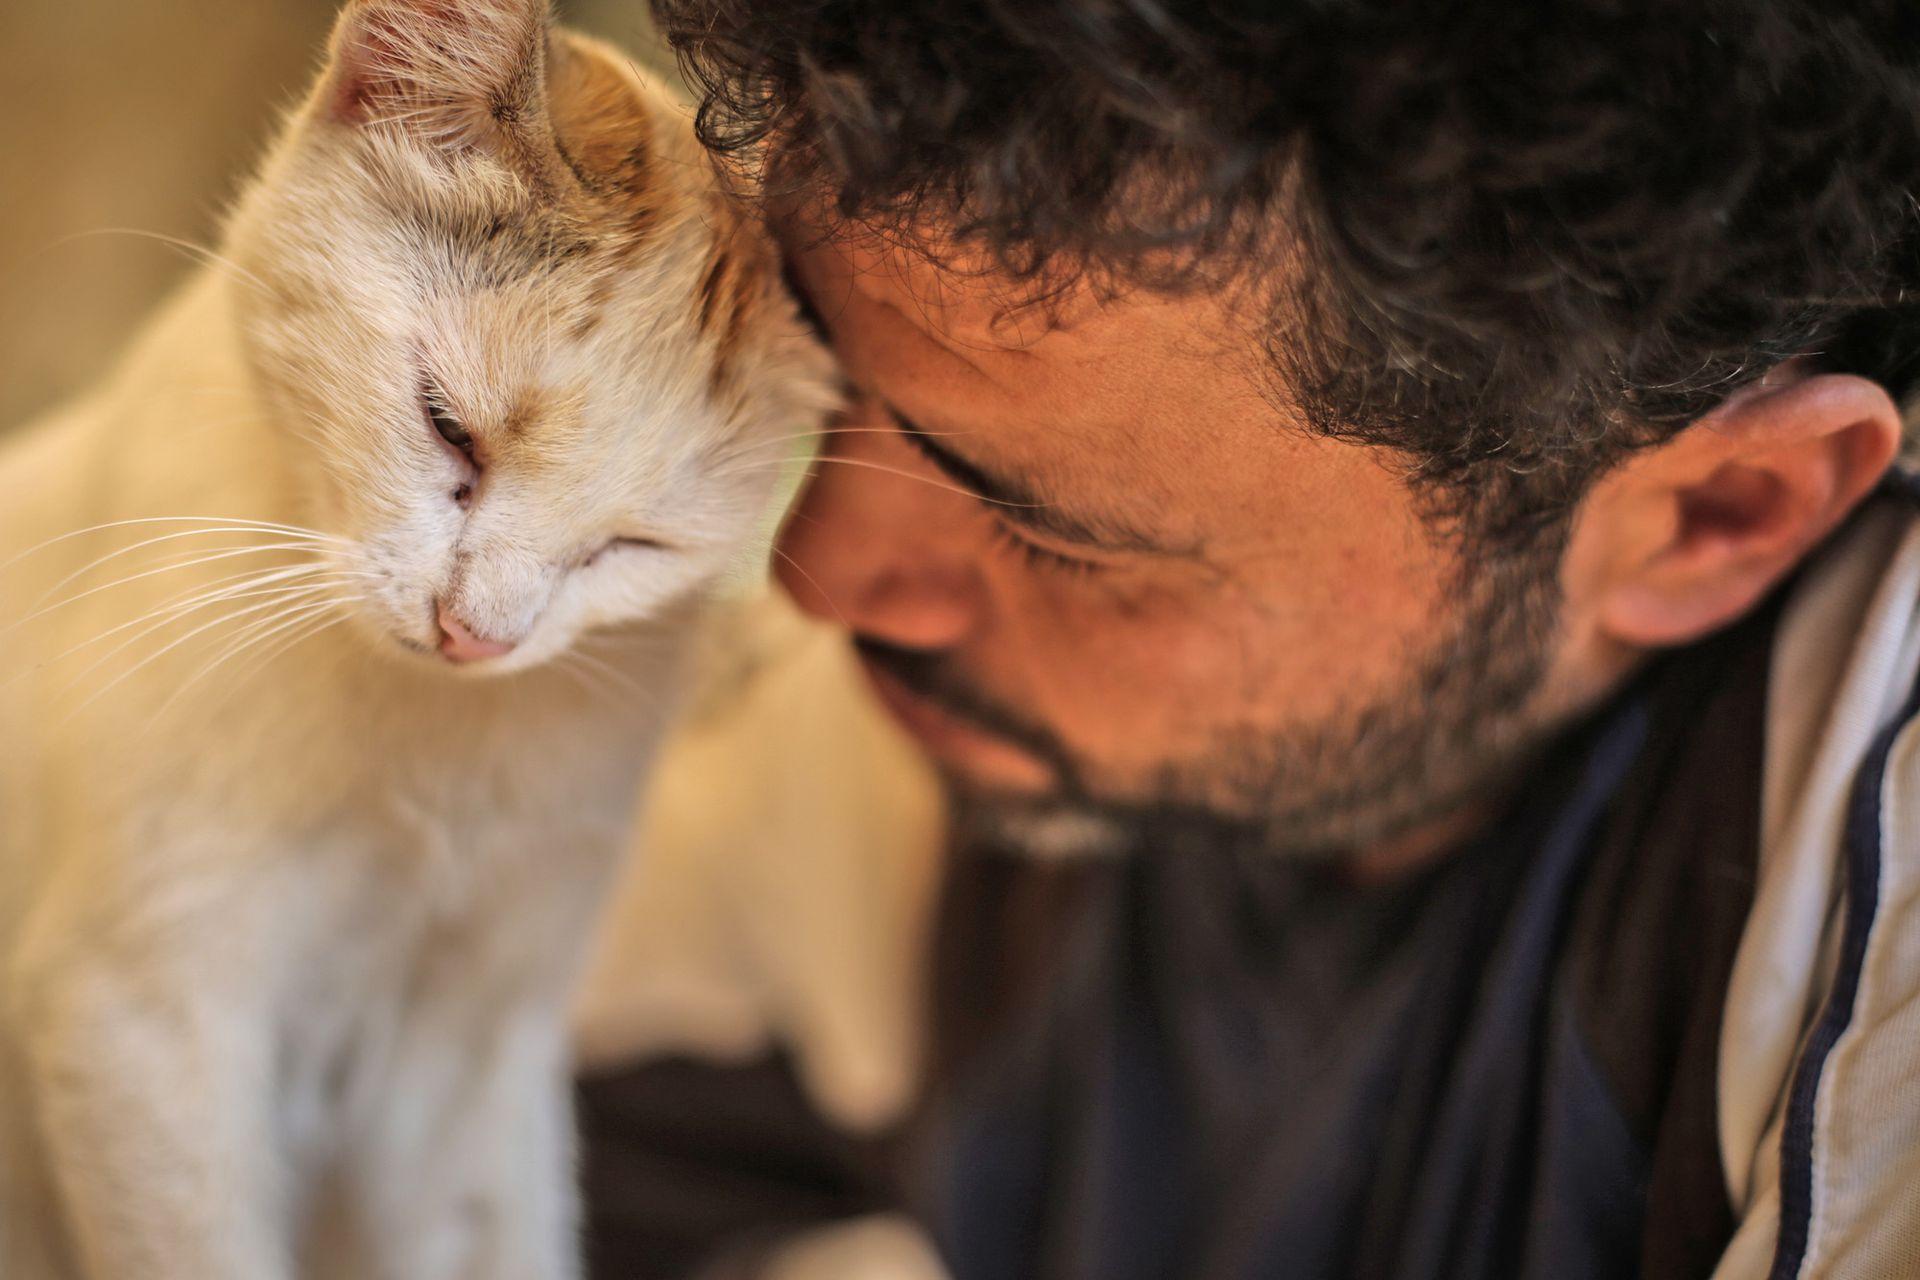 Los gatos reciben cariños y contención